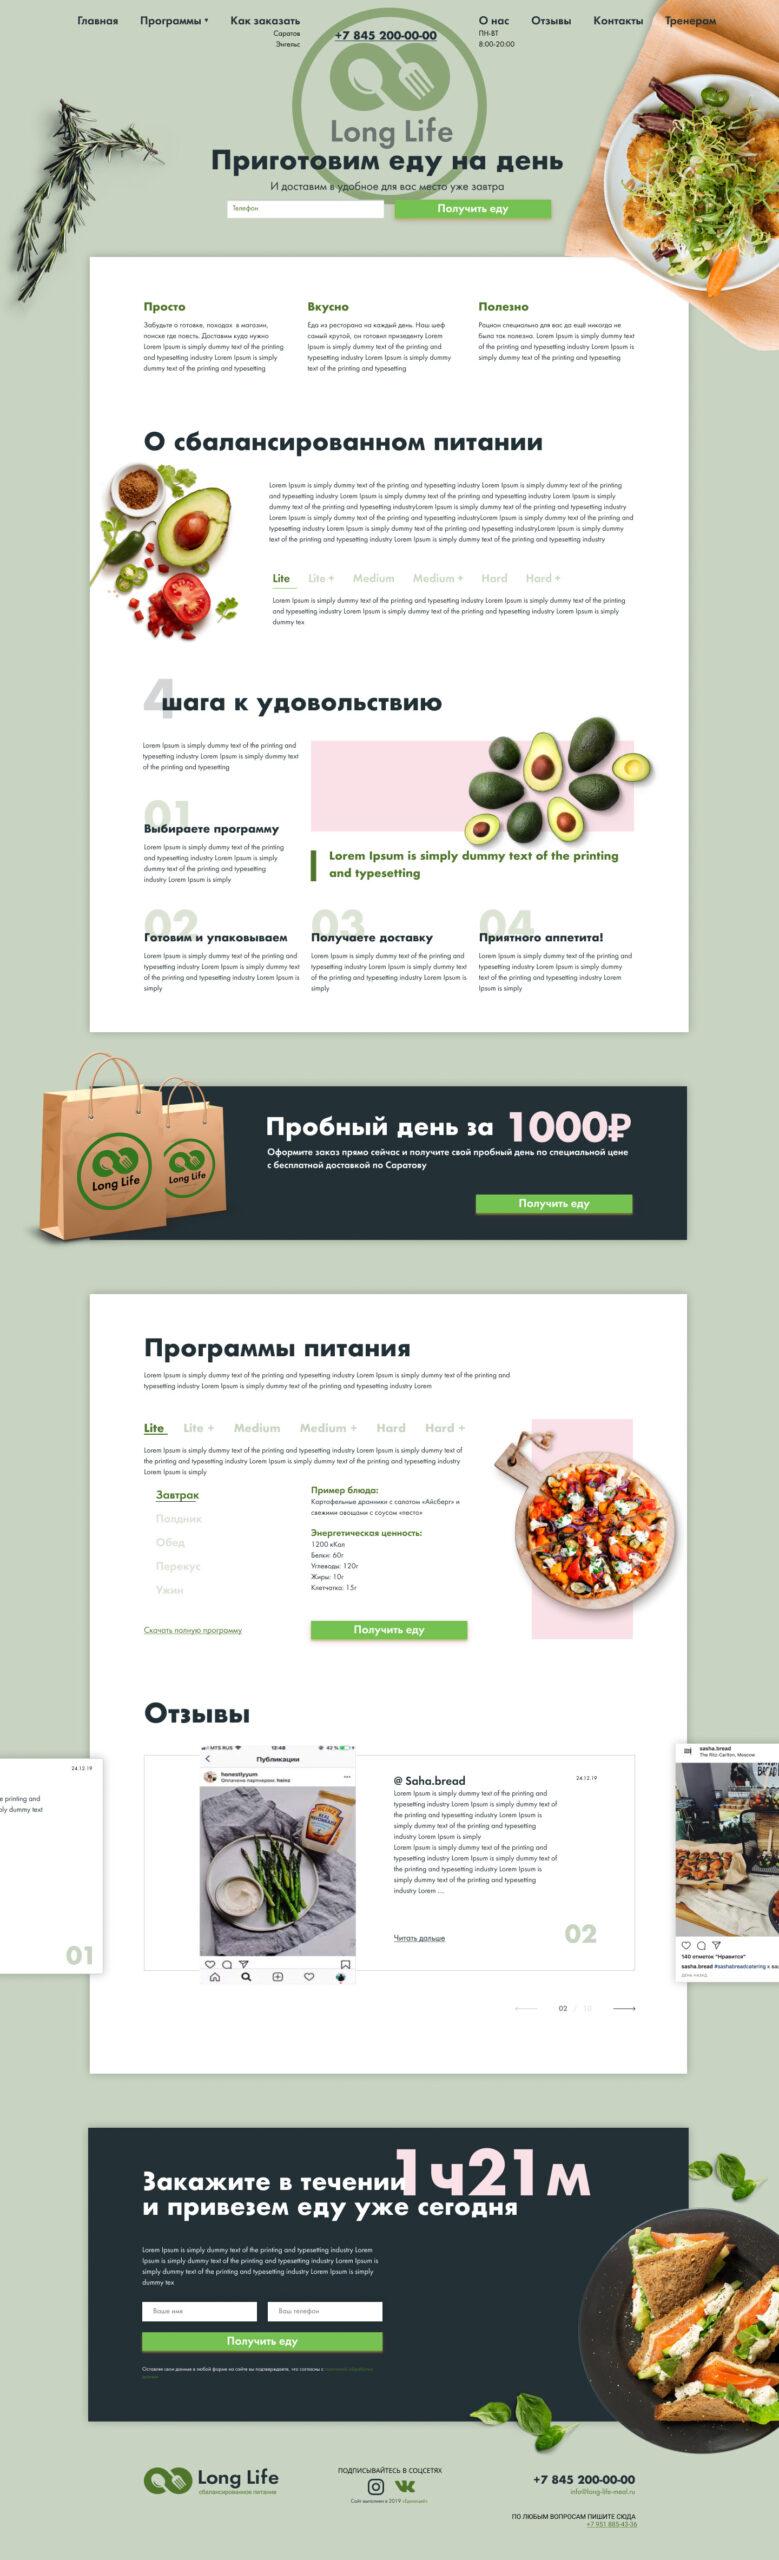 Сайт здорового питания